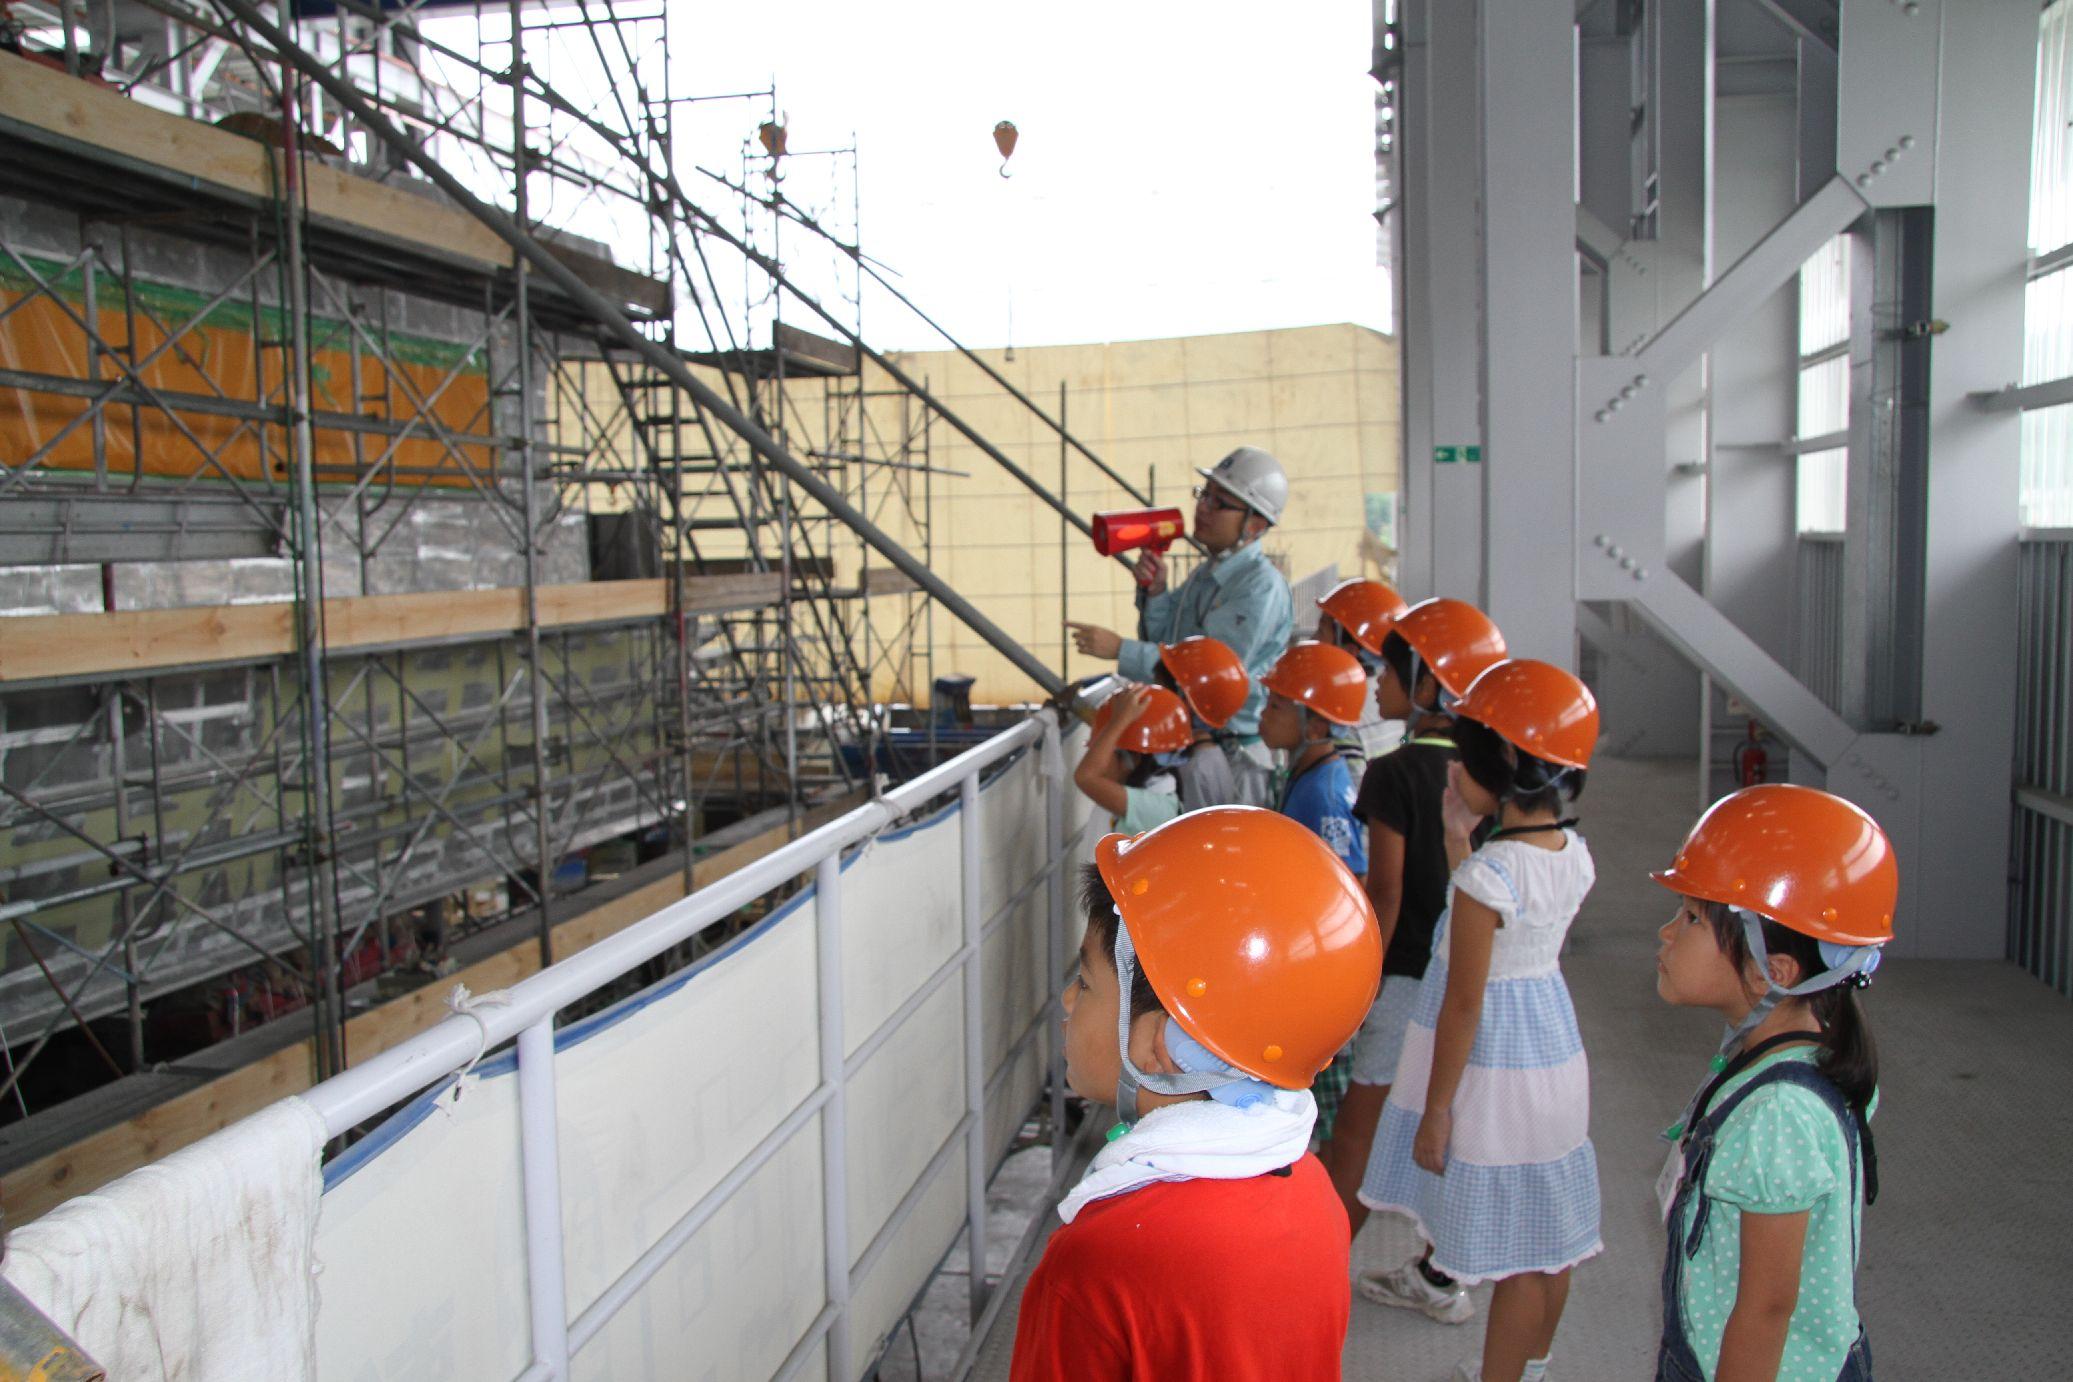 ツネイシクラフト&ファシリティーズの工場見学